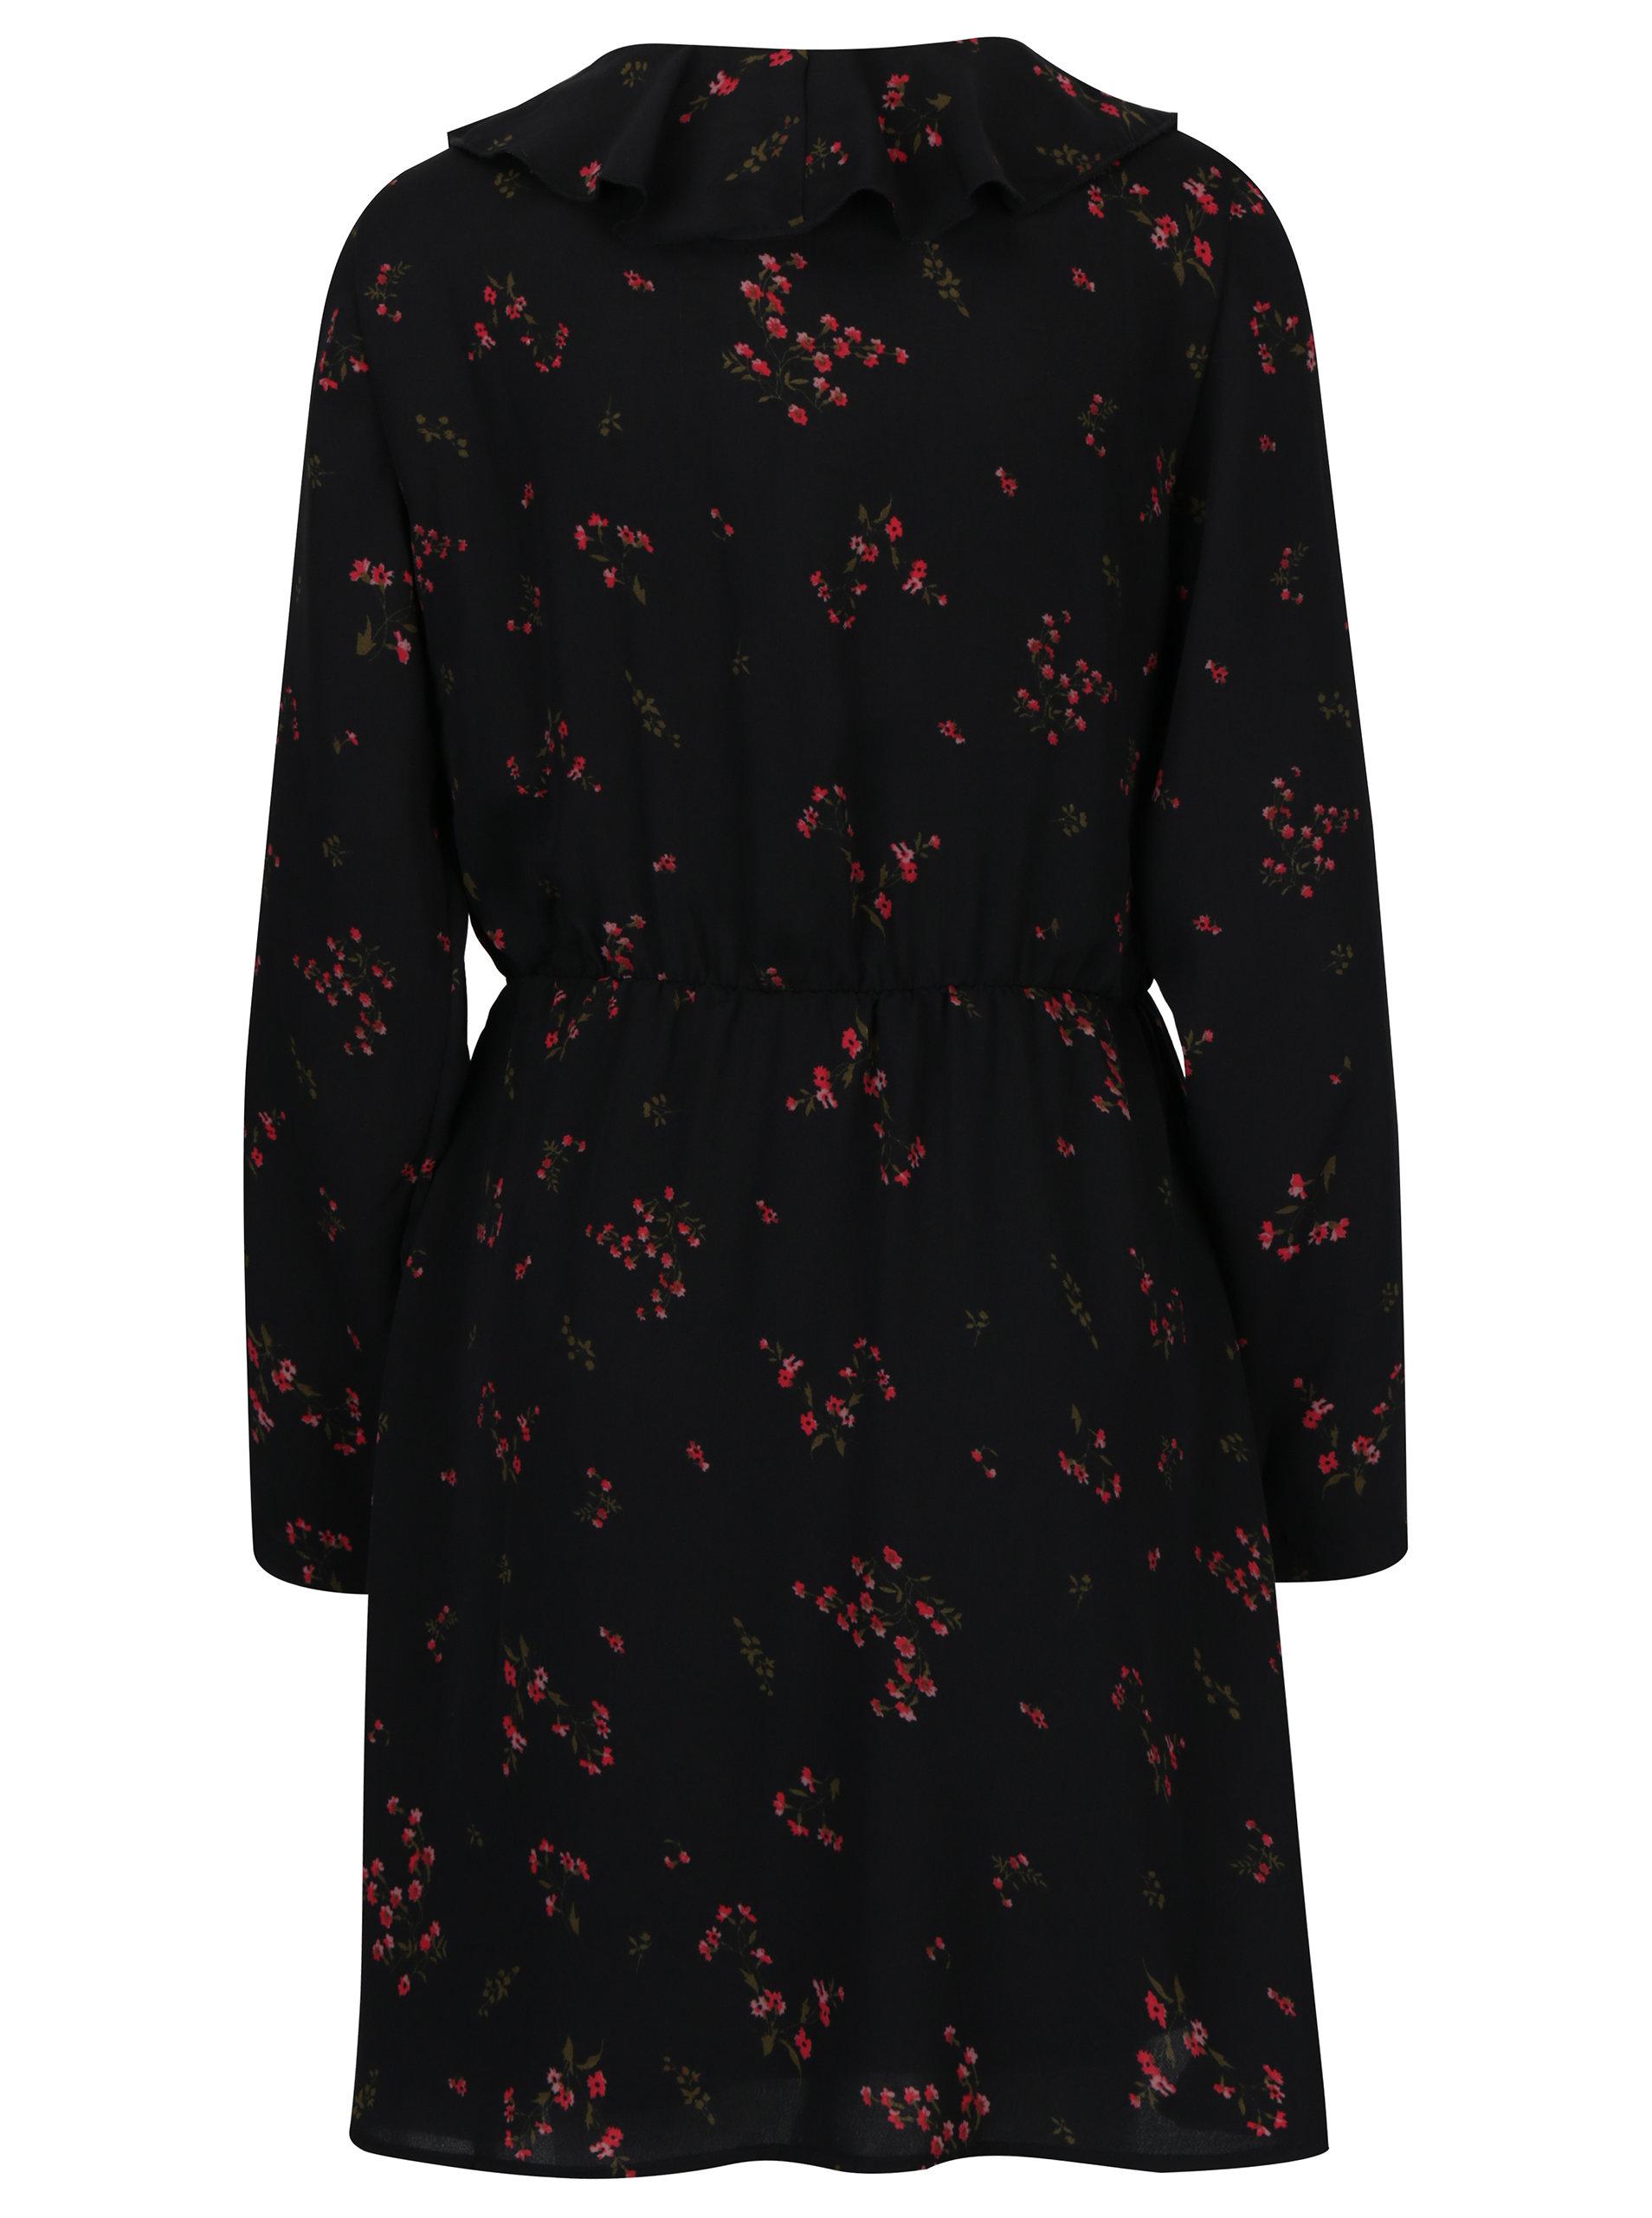 98fea0f19160 Černé květované šaty s volánem VERO MODA Parisan ...